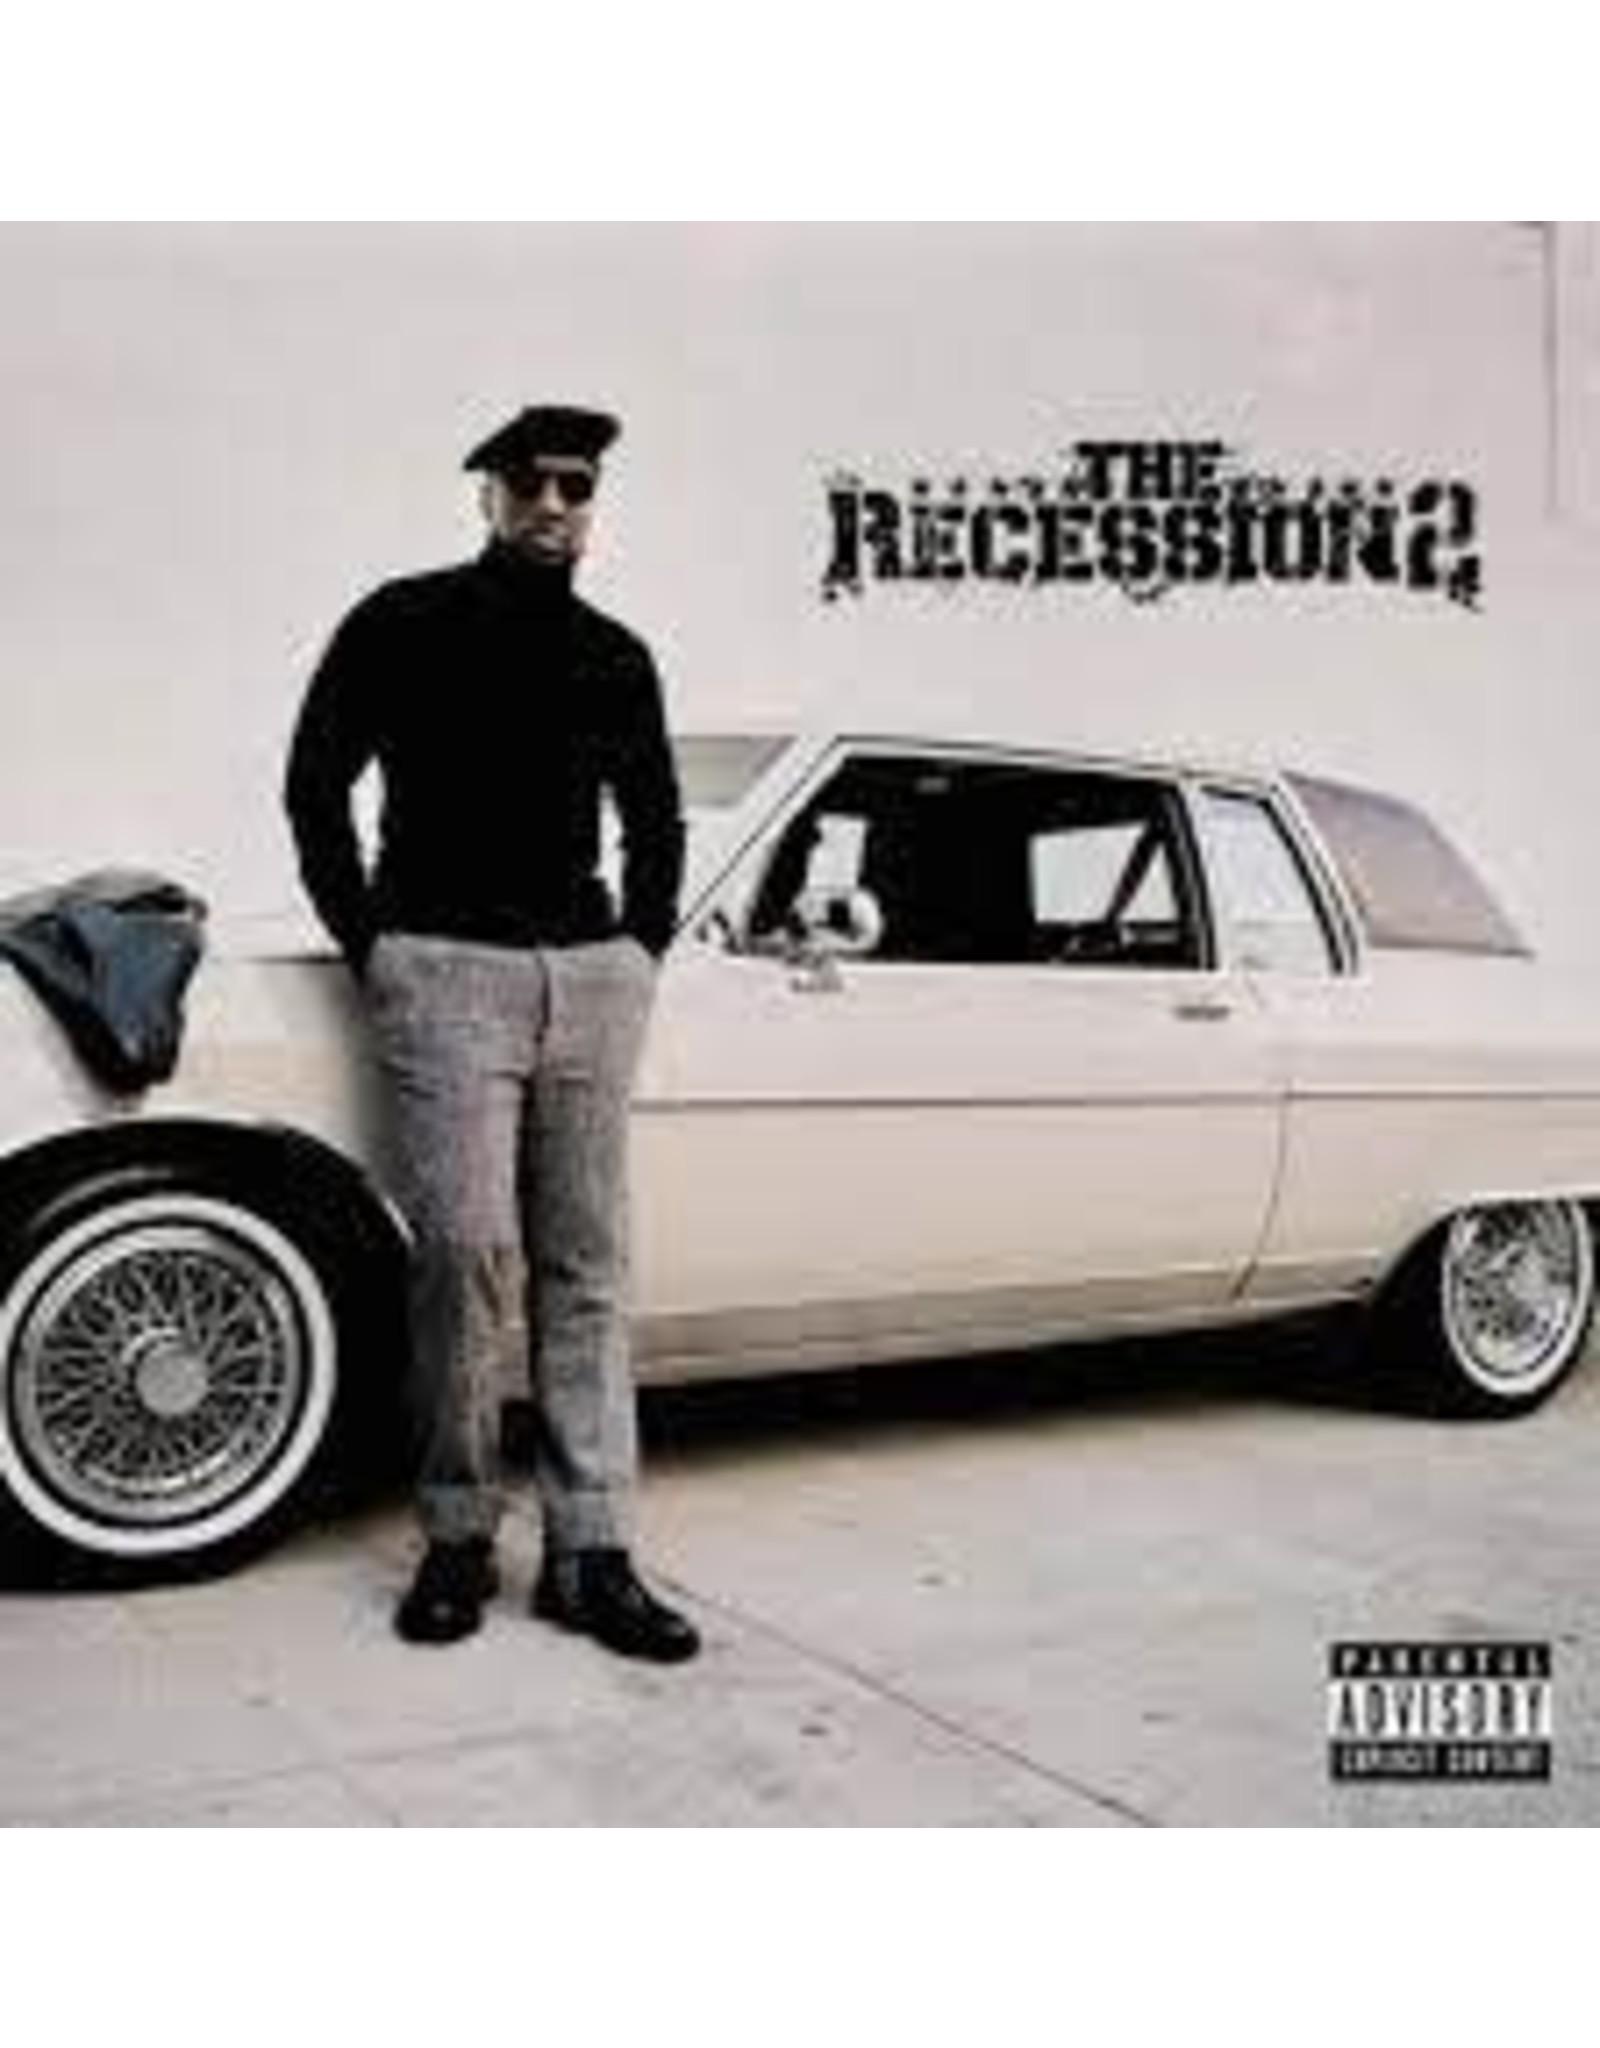 Jeezy - The Recession2 LP